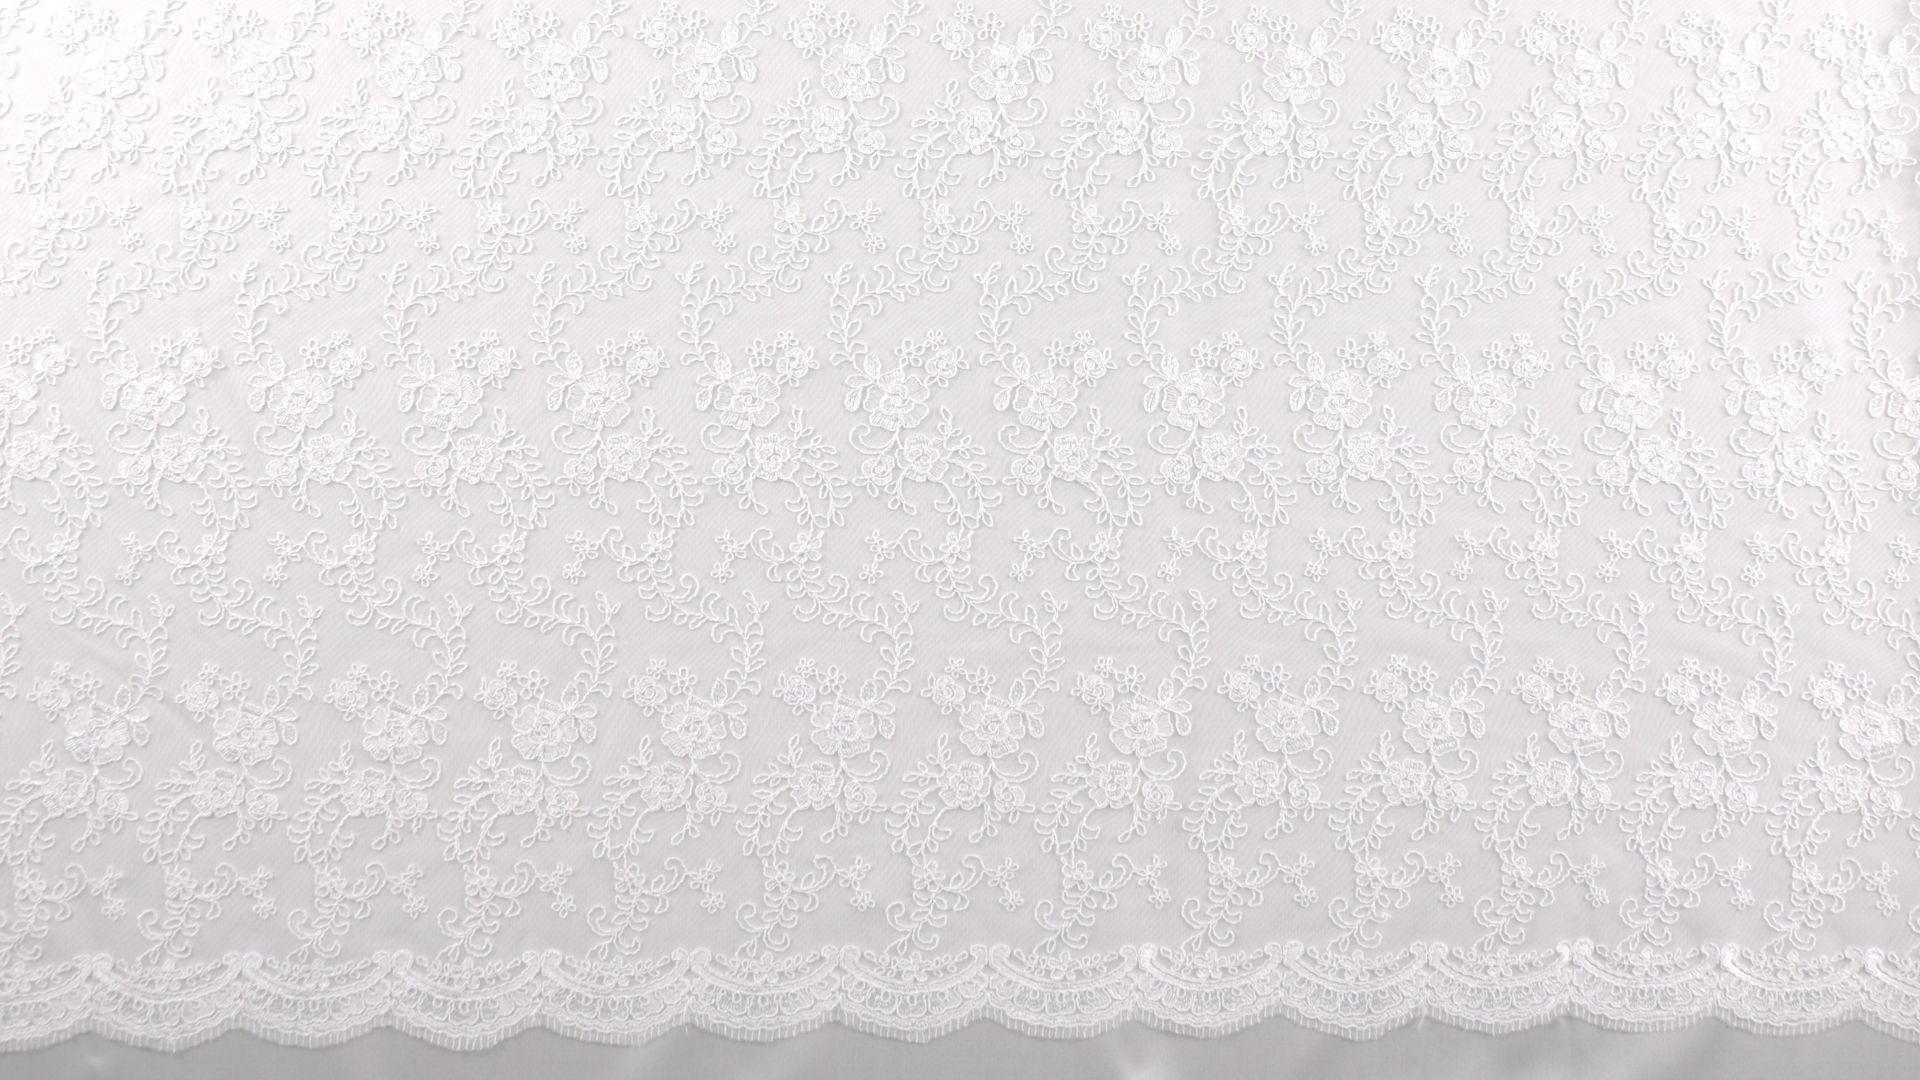 il particolare del tessuto dr9437, appartenente alla categoria ricami senza accessori, di Leadford & Logan